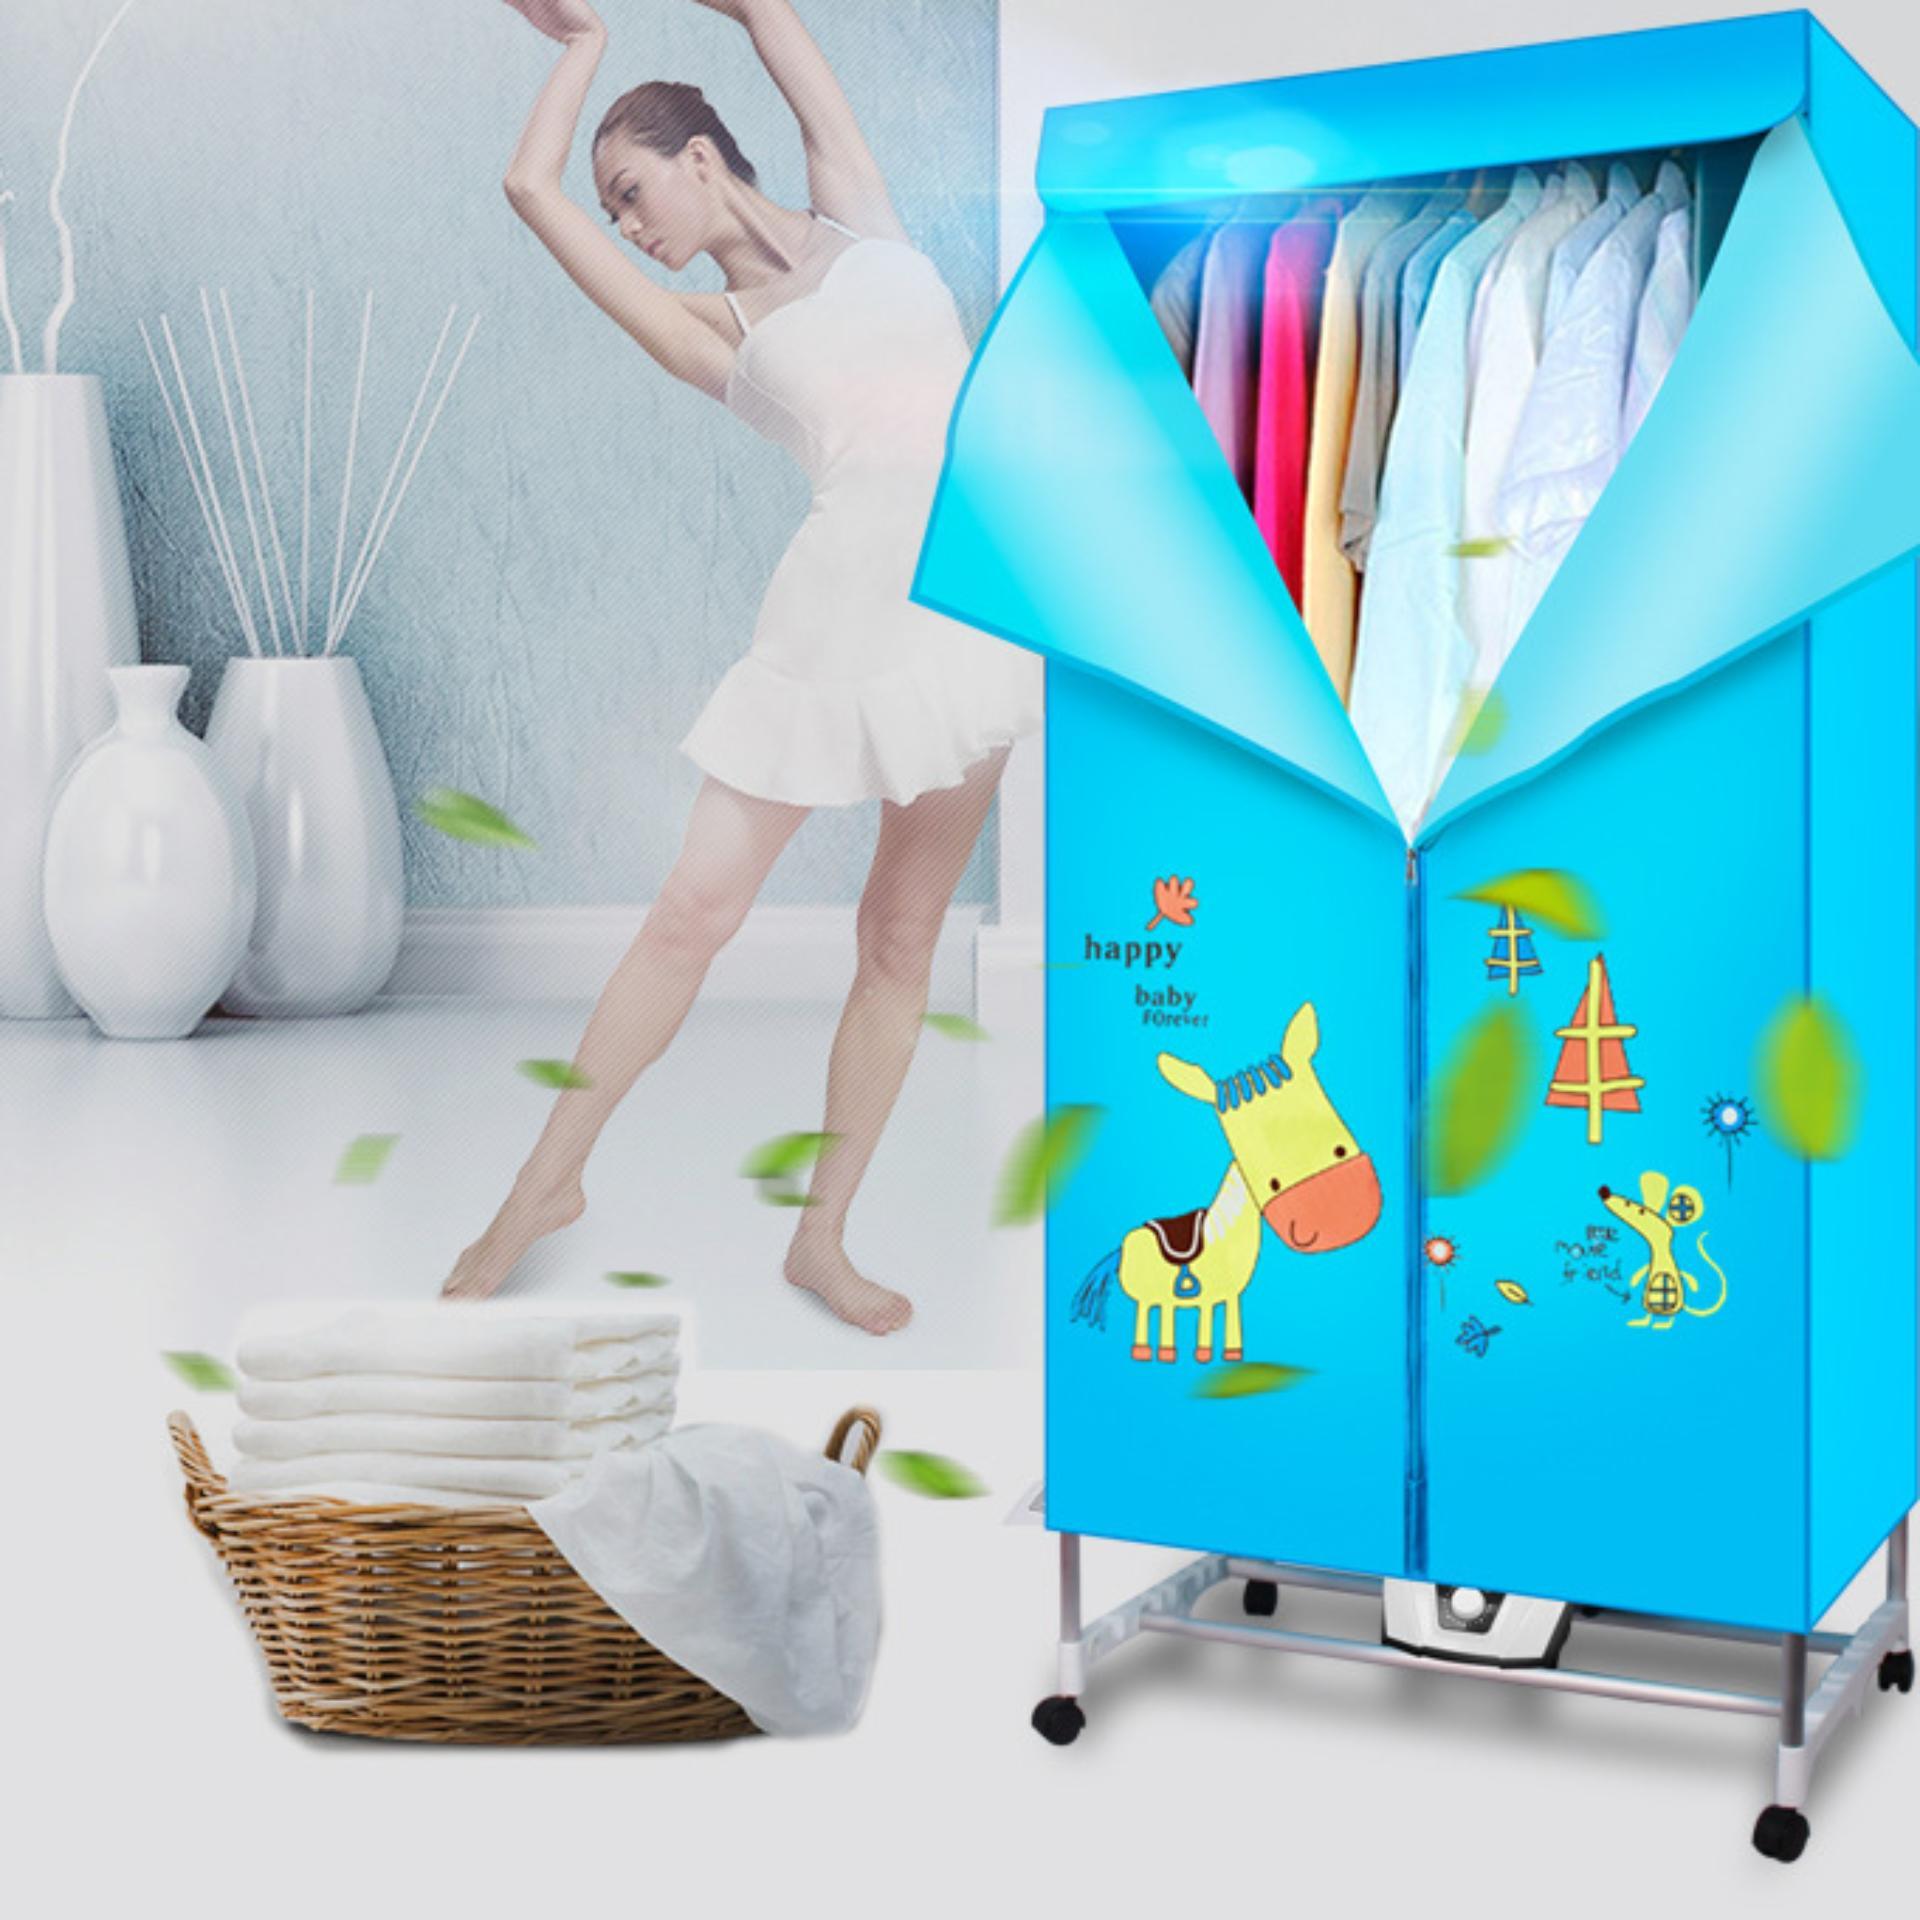 Tủ sấy quần áo Clothes Dryer cao cấp